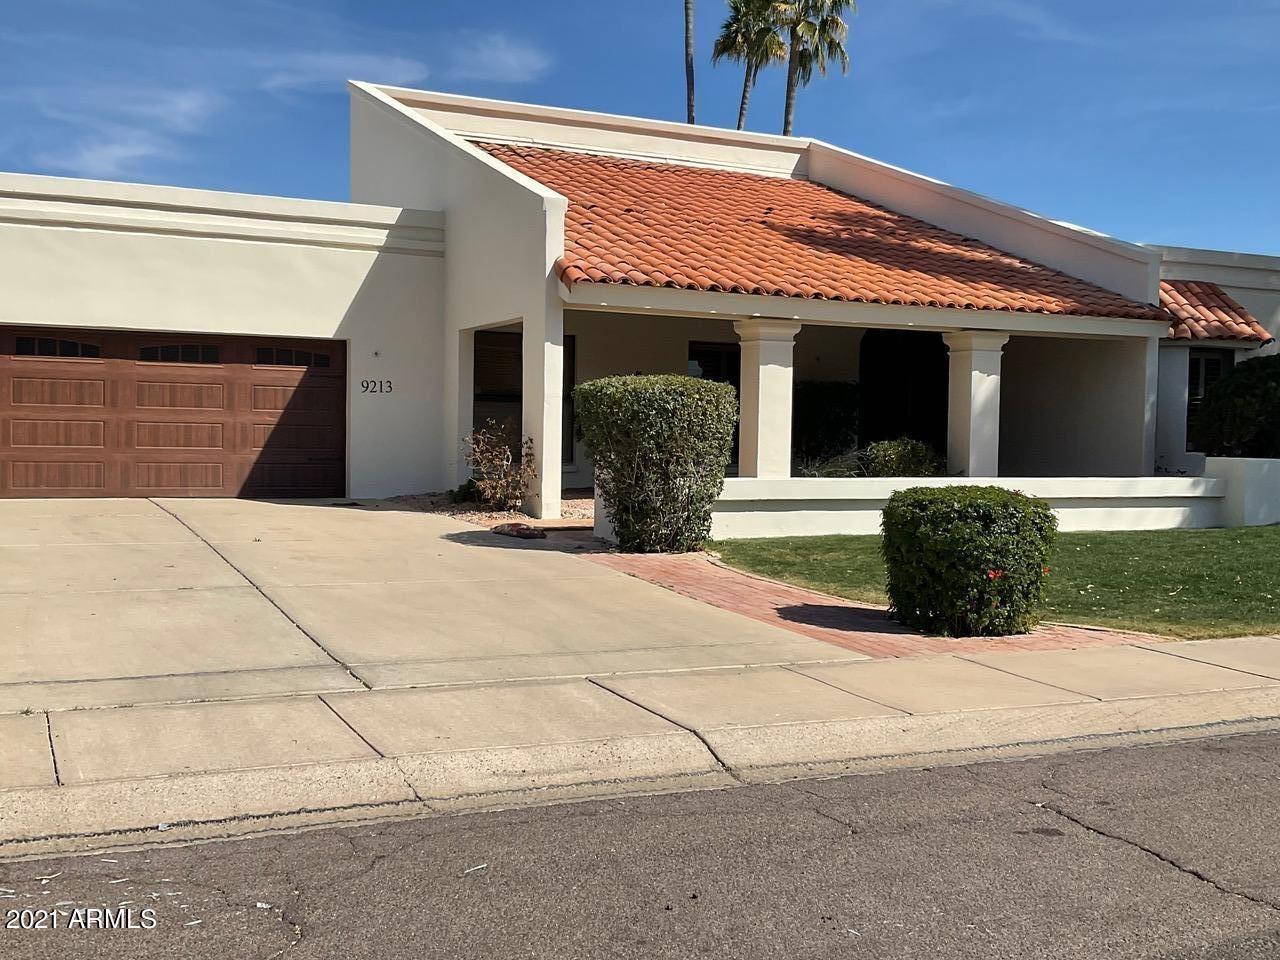 Photo of 9213 N 83RD Way, Scottsdale, AZ 85258 (MLS # 6200002)